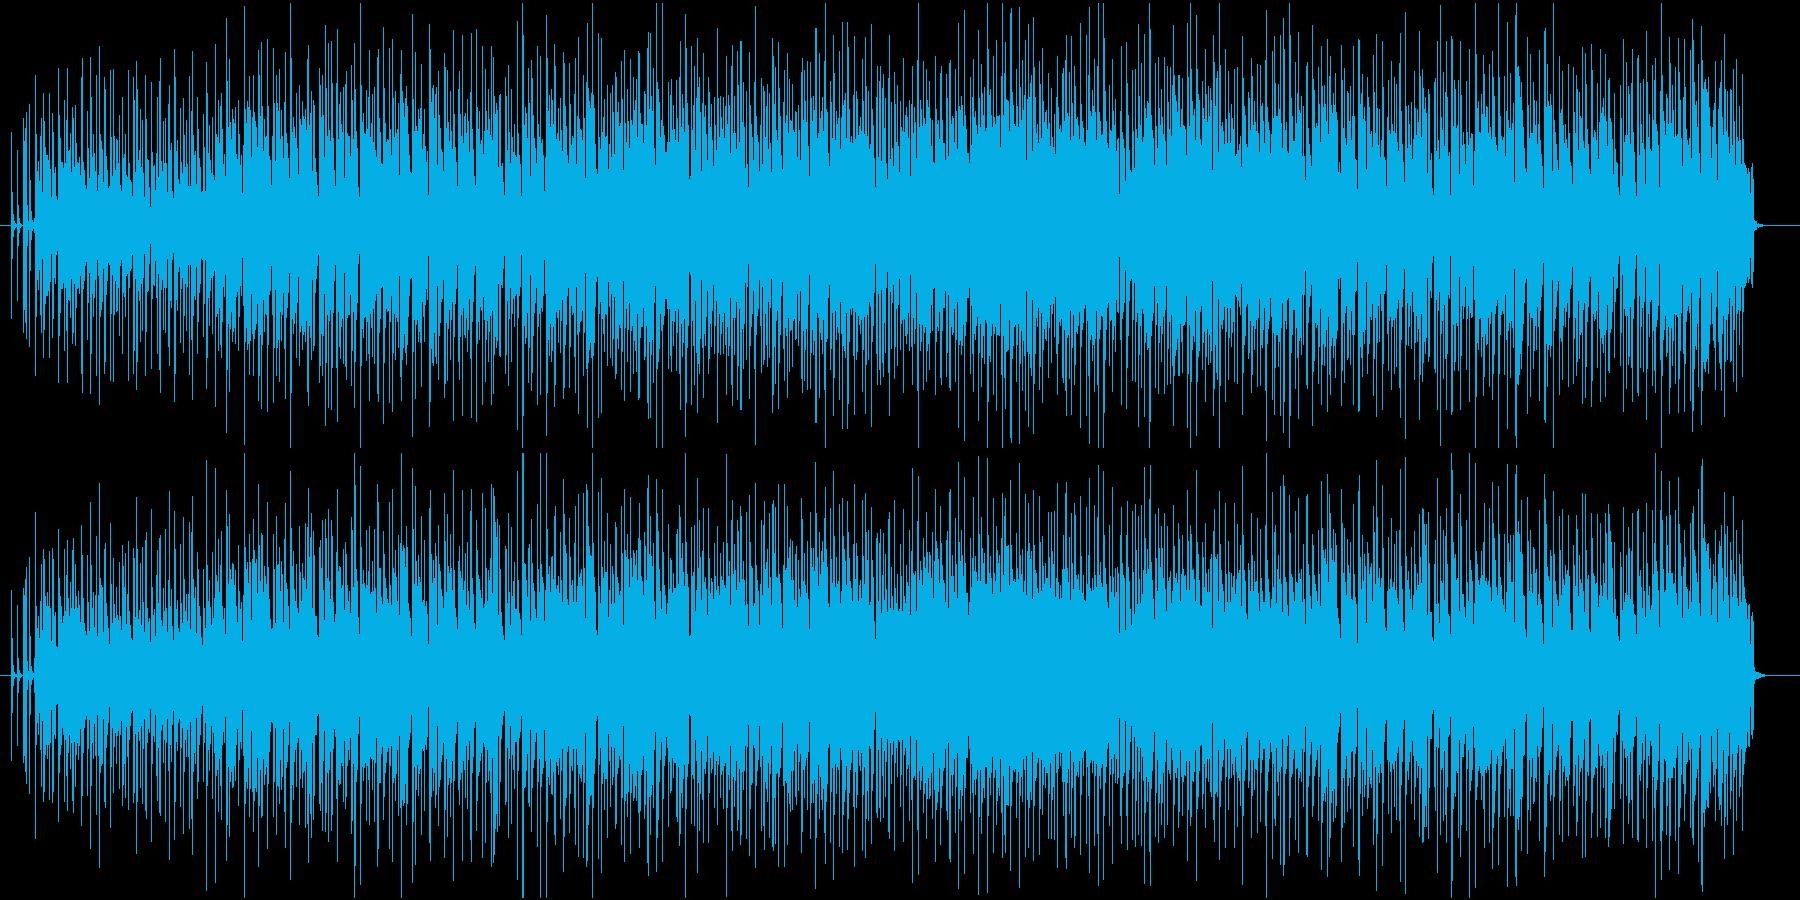 ウクレレ、リコーダーの可愛い楽曲です。の再生済みの波形